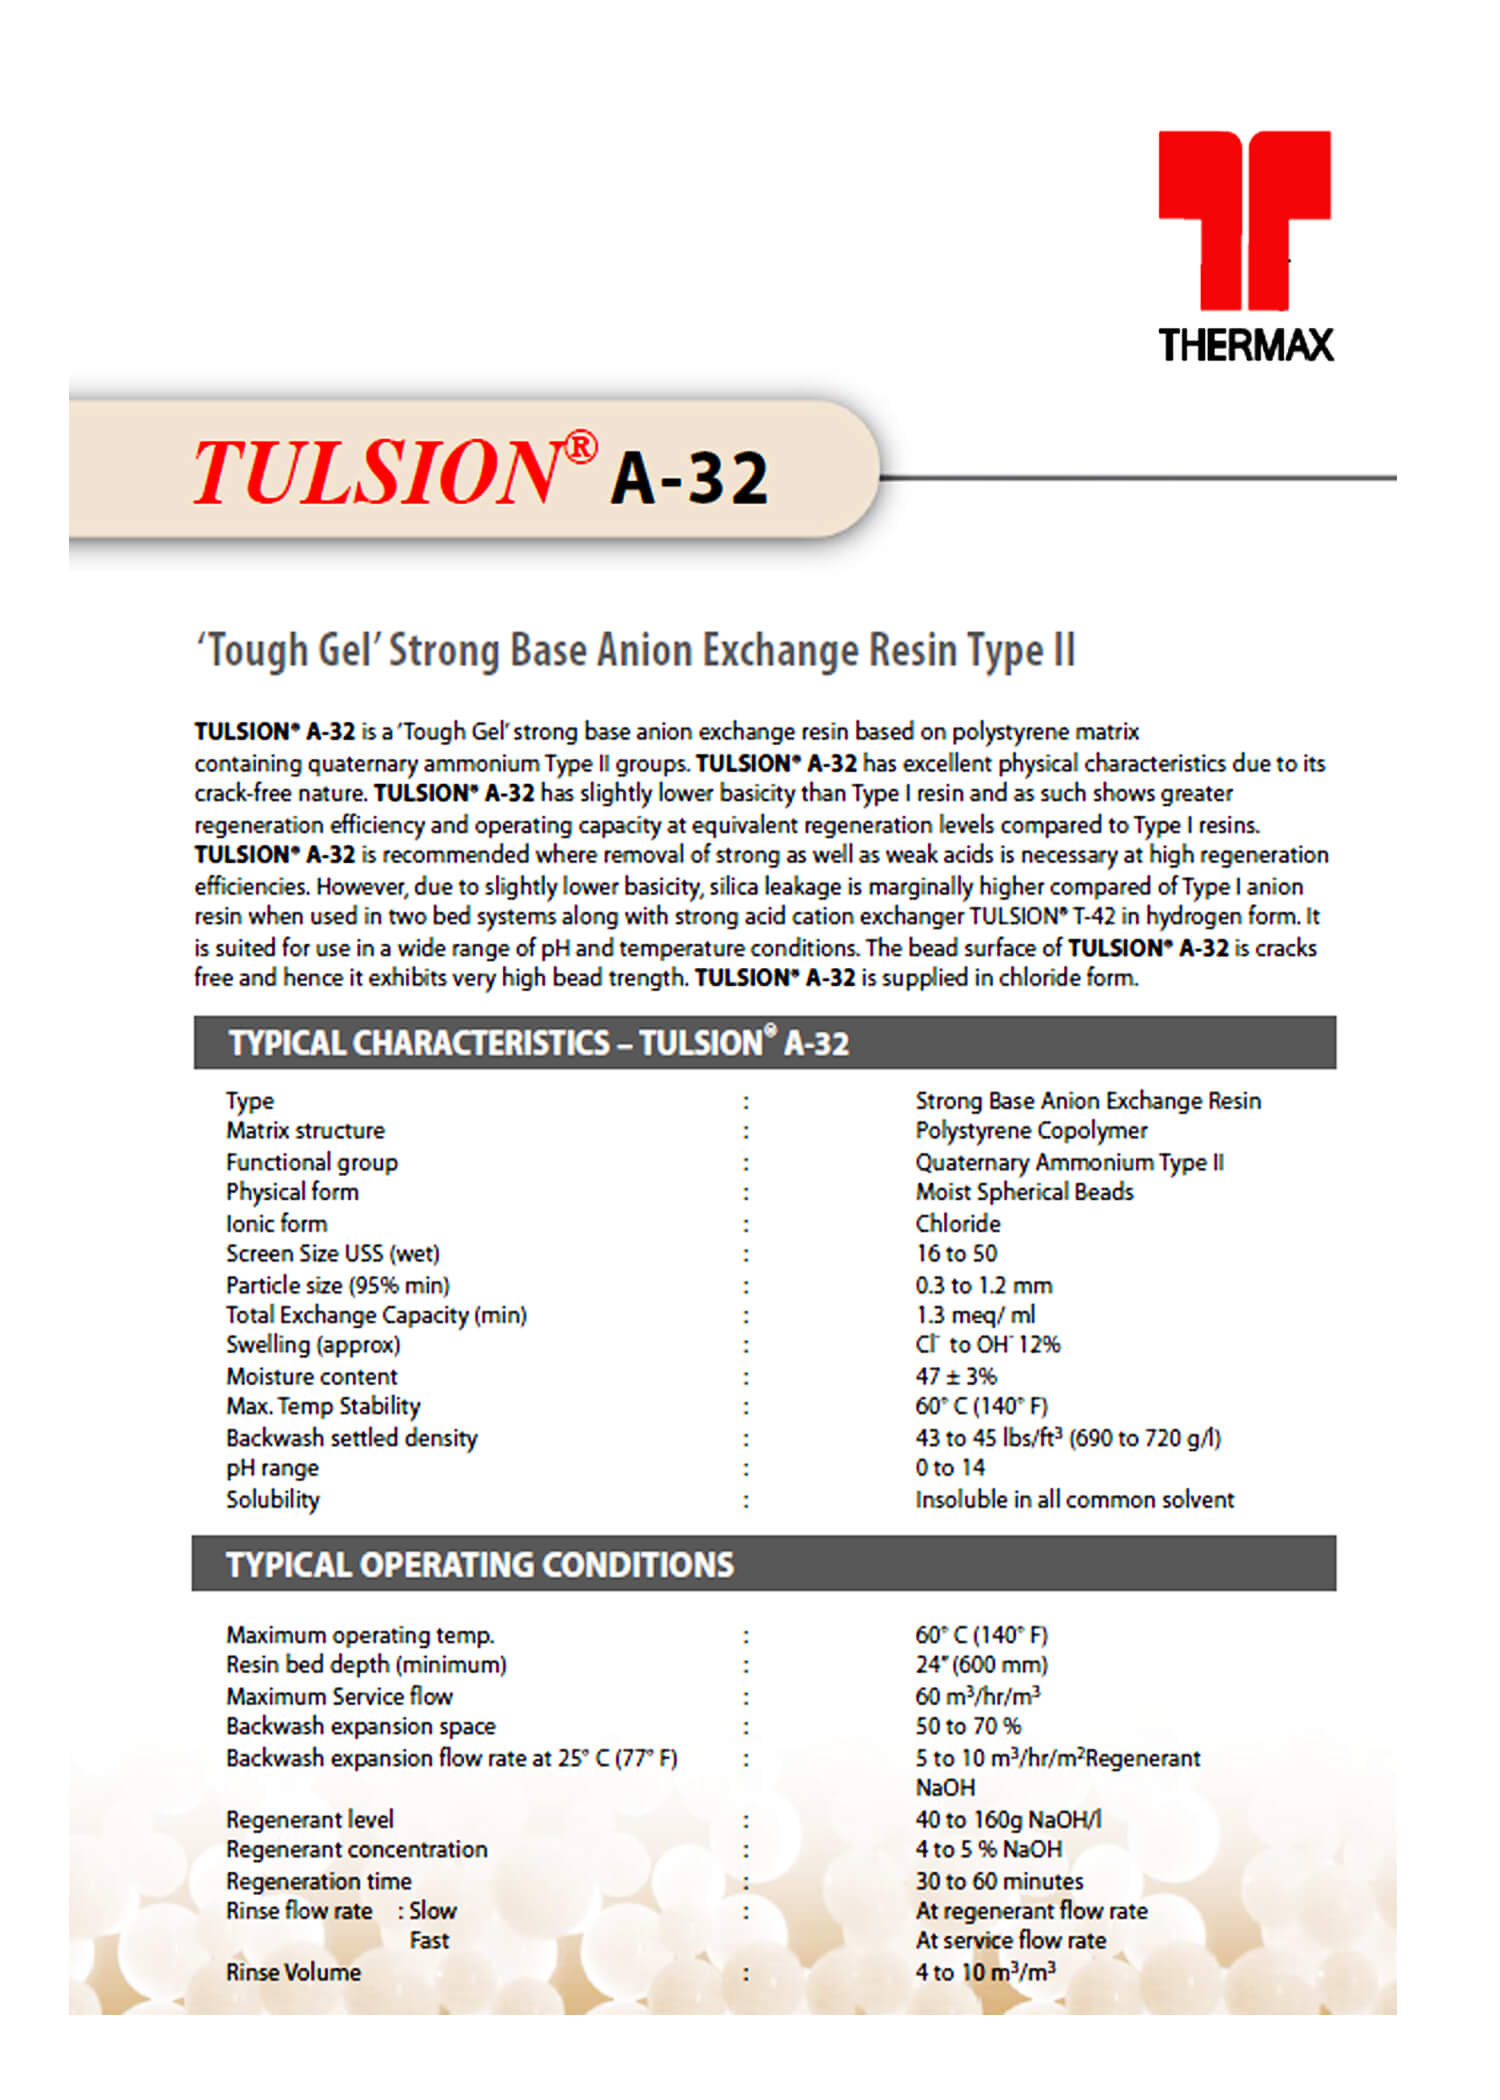 Tulsion A-32